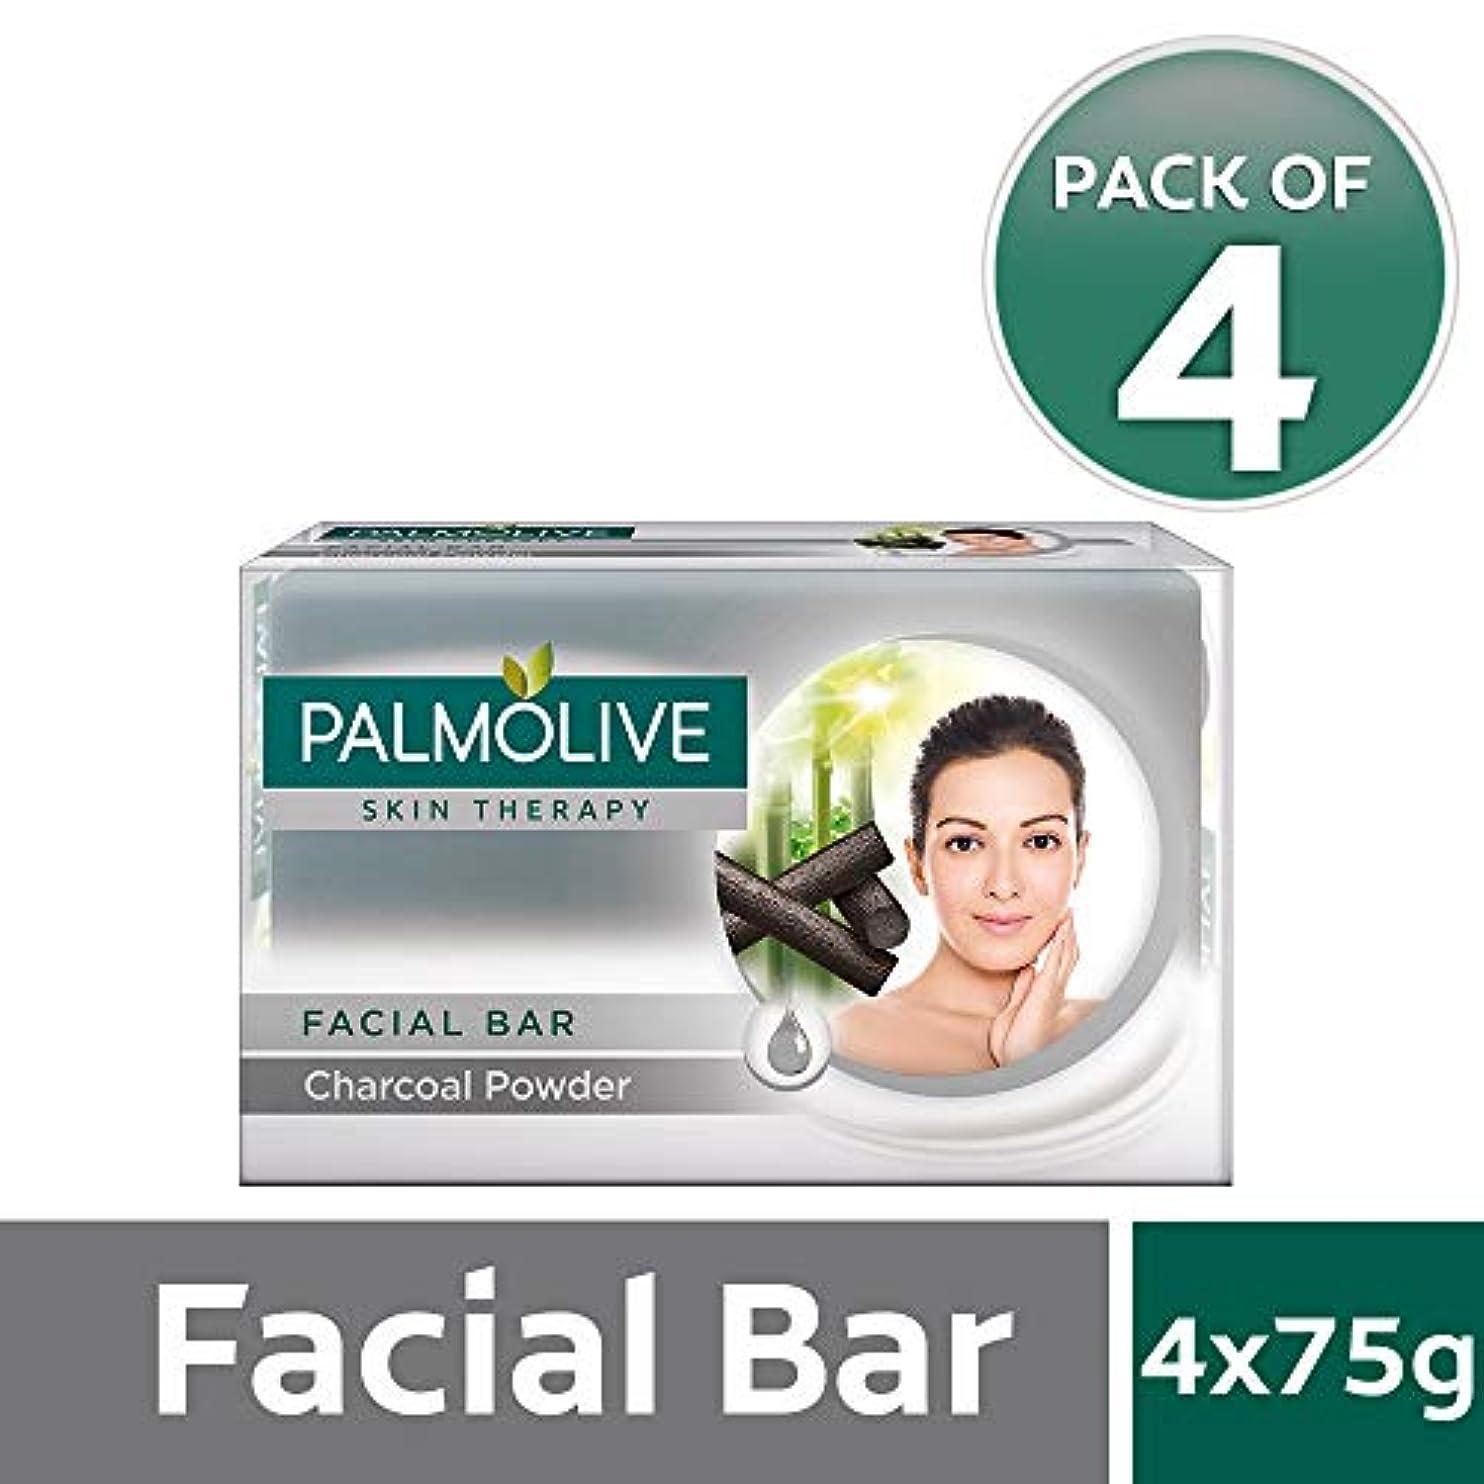 端末クルー政権Palmolive Skin Therapy Facial Bar Soap with Charcoal Powder - 75g (Pack of 4)